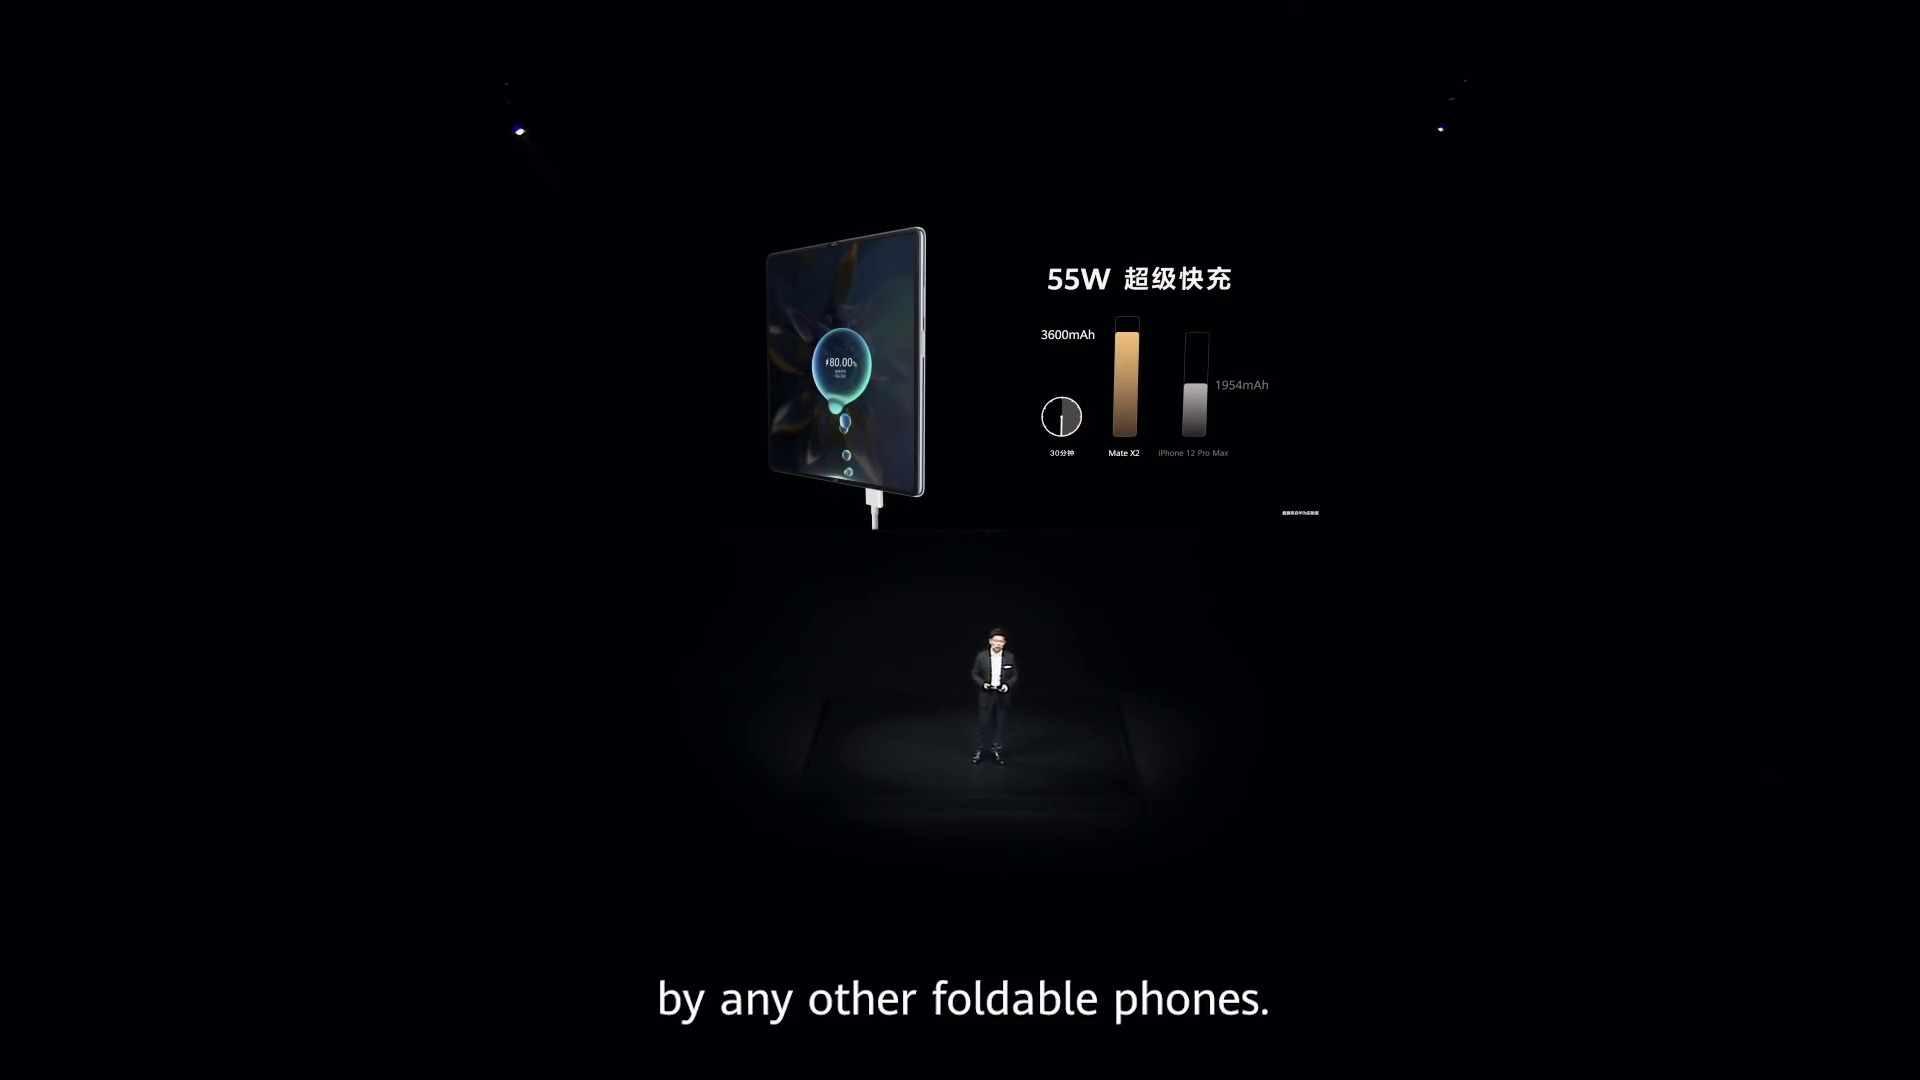 Huawei nói smartphone của mình tốt hơn Z Fold2, iPhone 12 Pro Max, Pro Display XDR, Volvo XC90... như thế nào? - Ảnh 11.